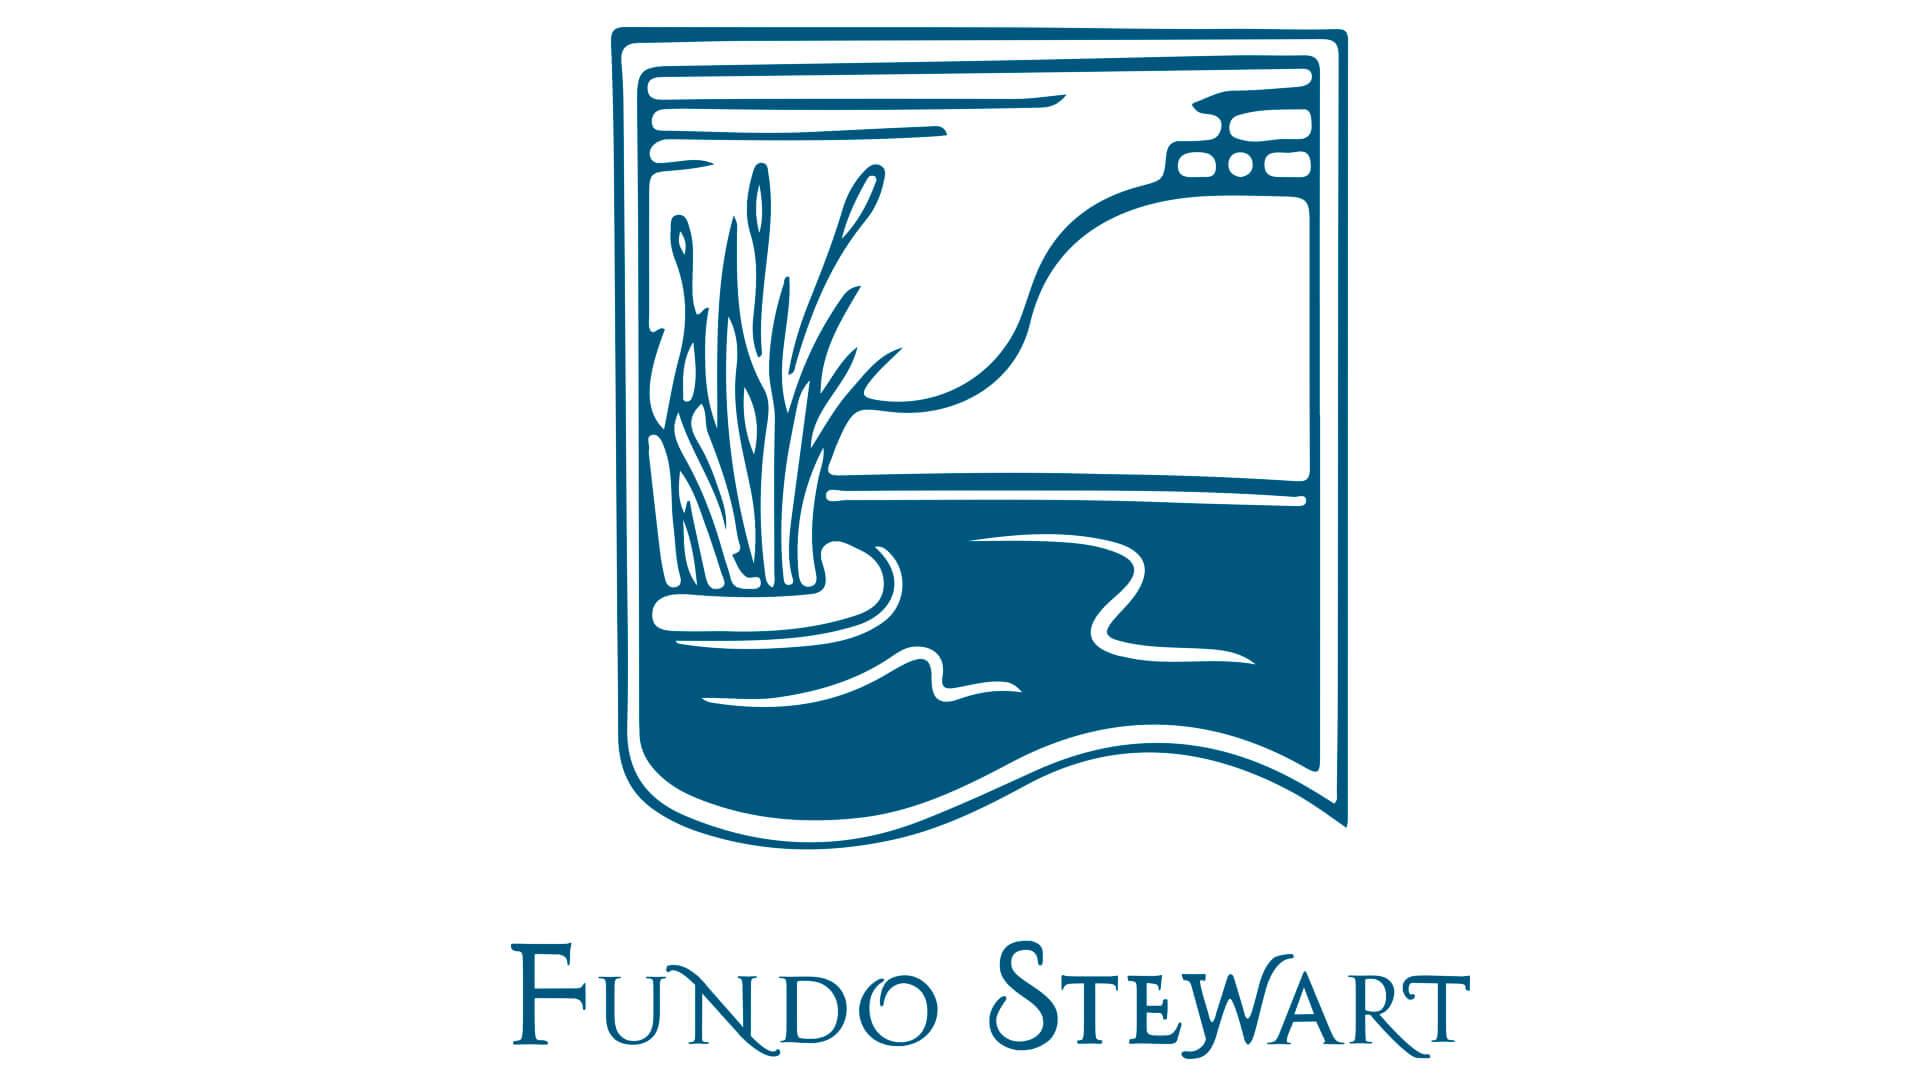 desarrollo-web-de-fundo-stewart